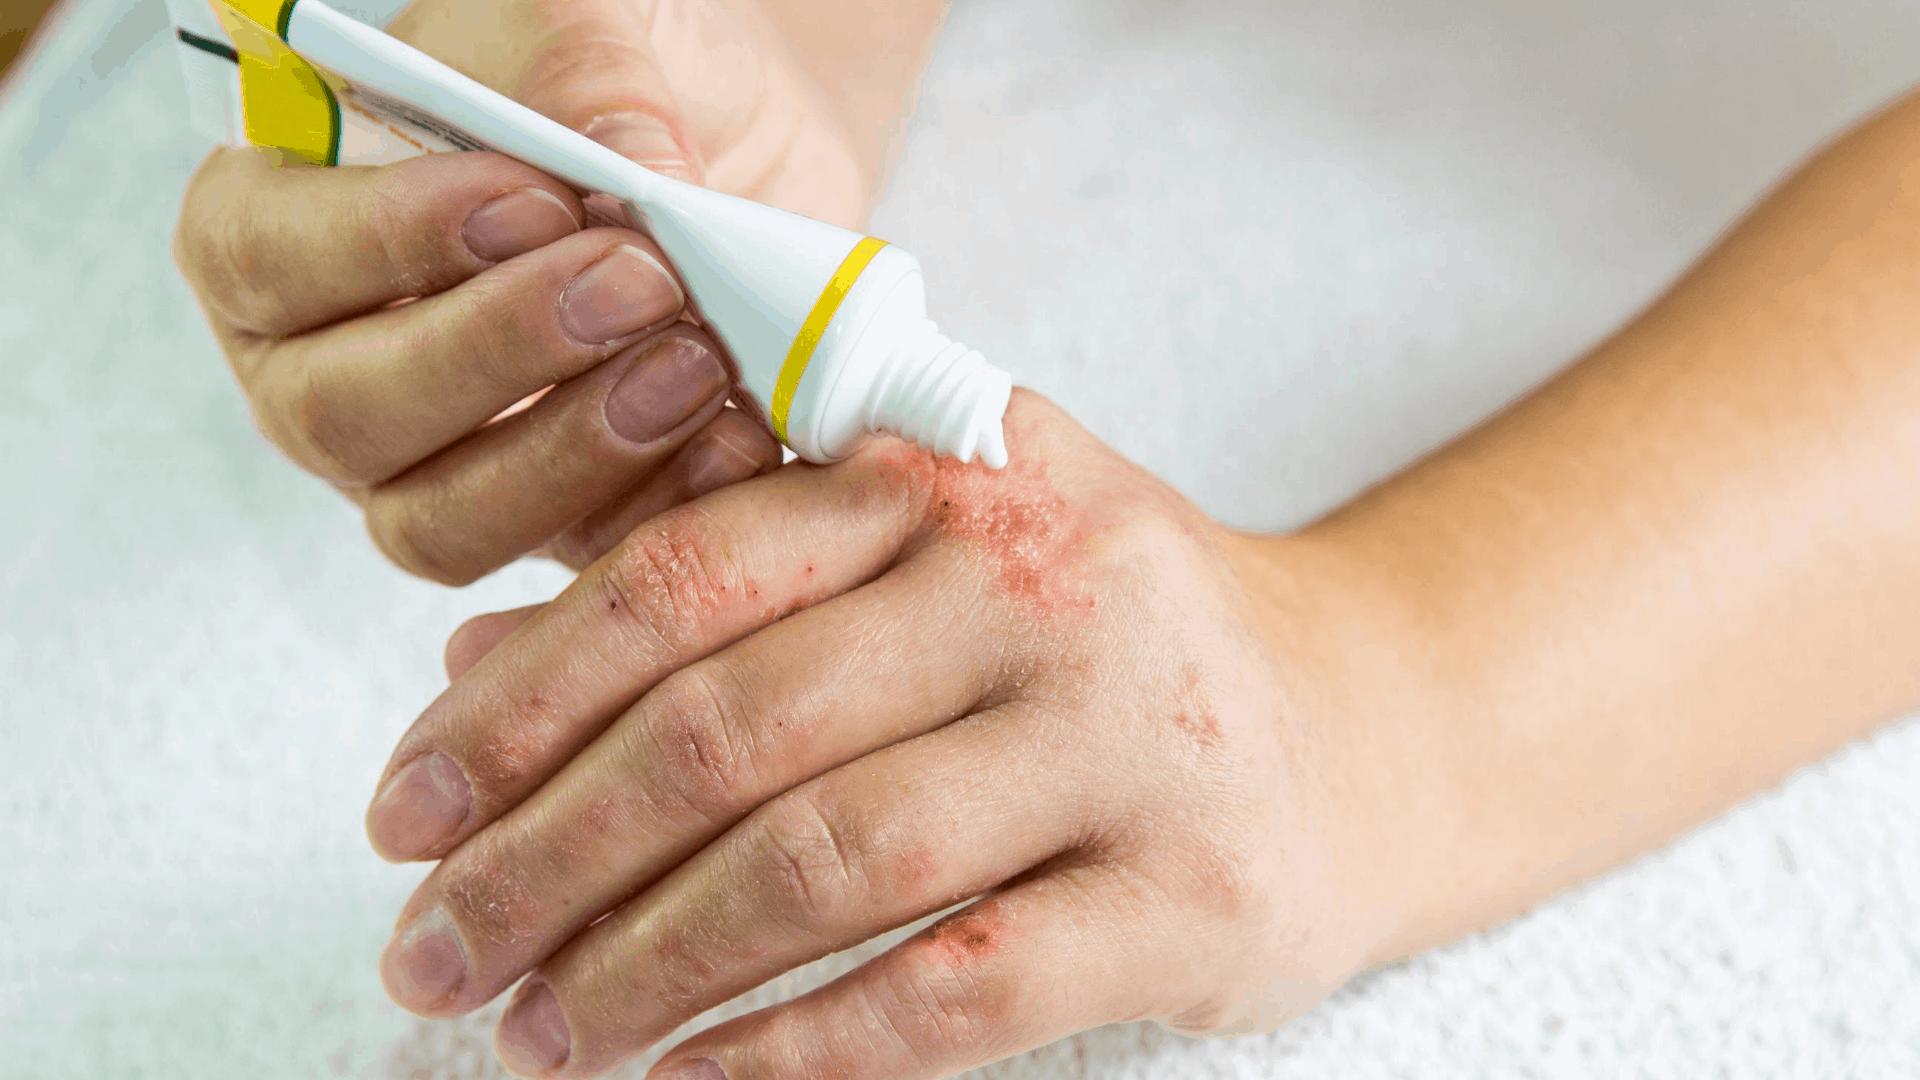 Contact Irritant Dermatitis